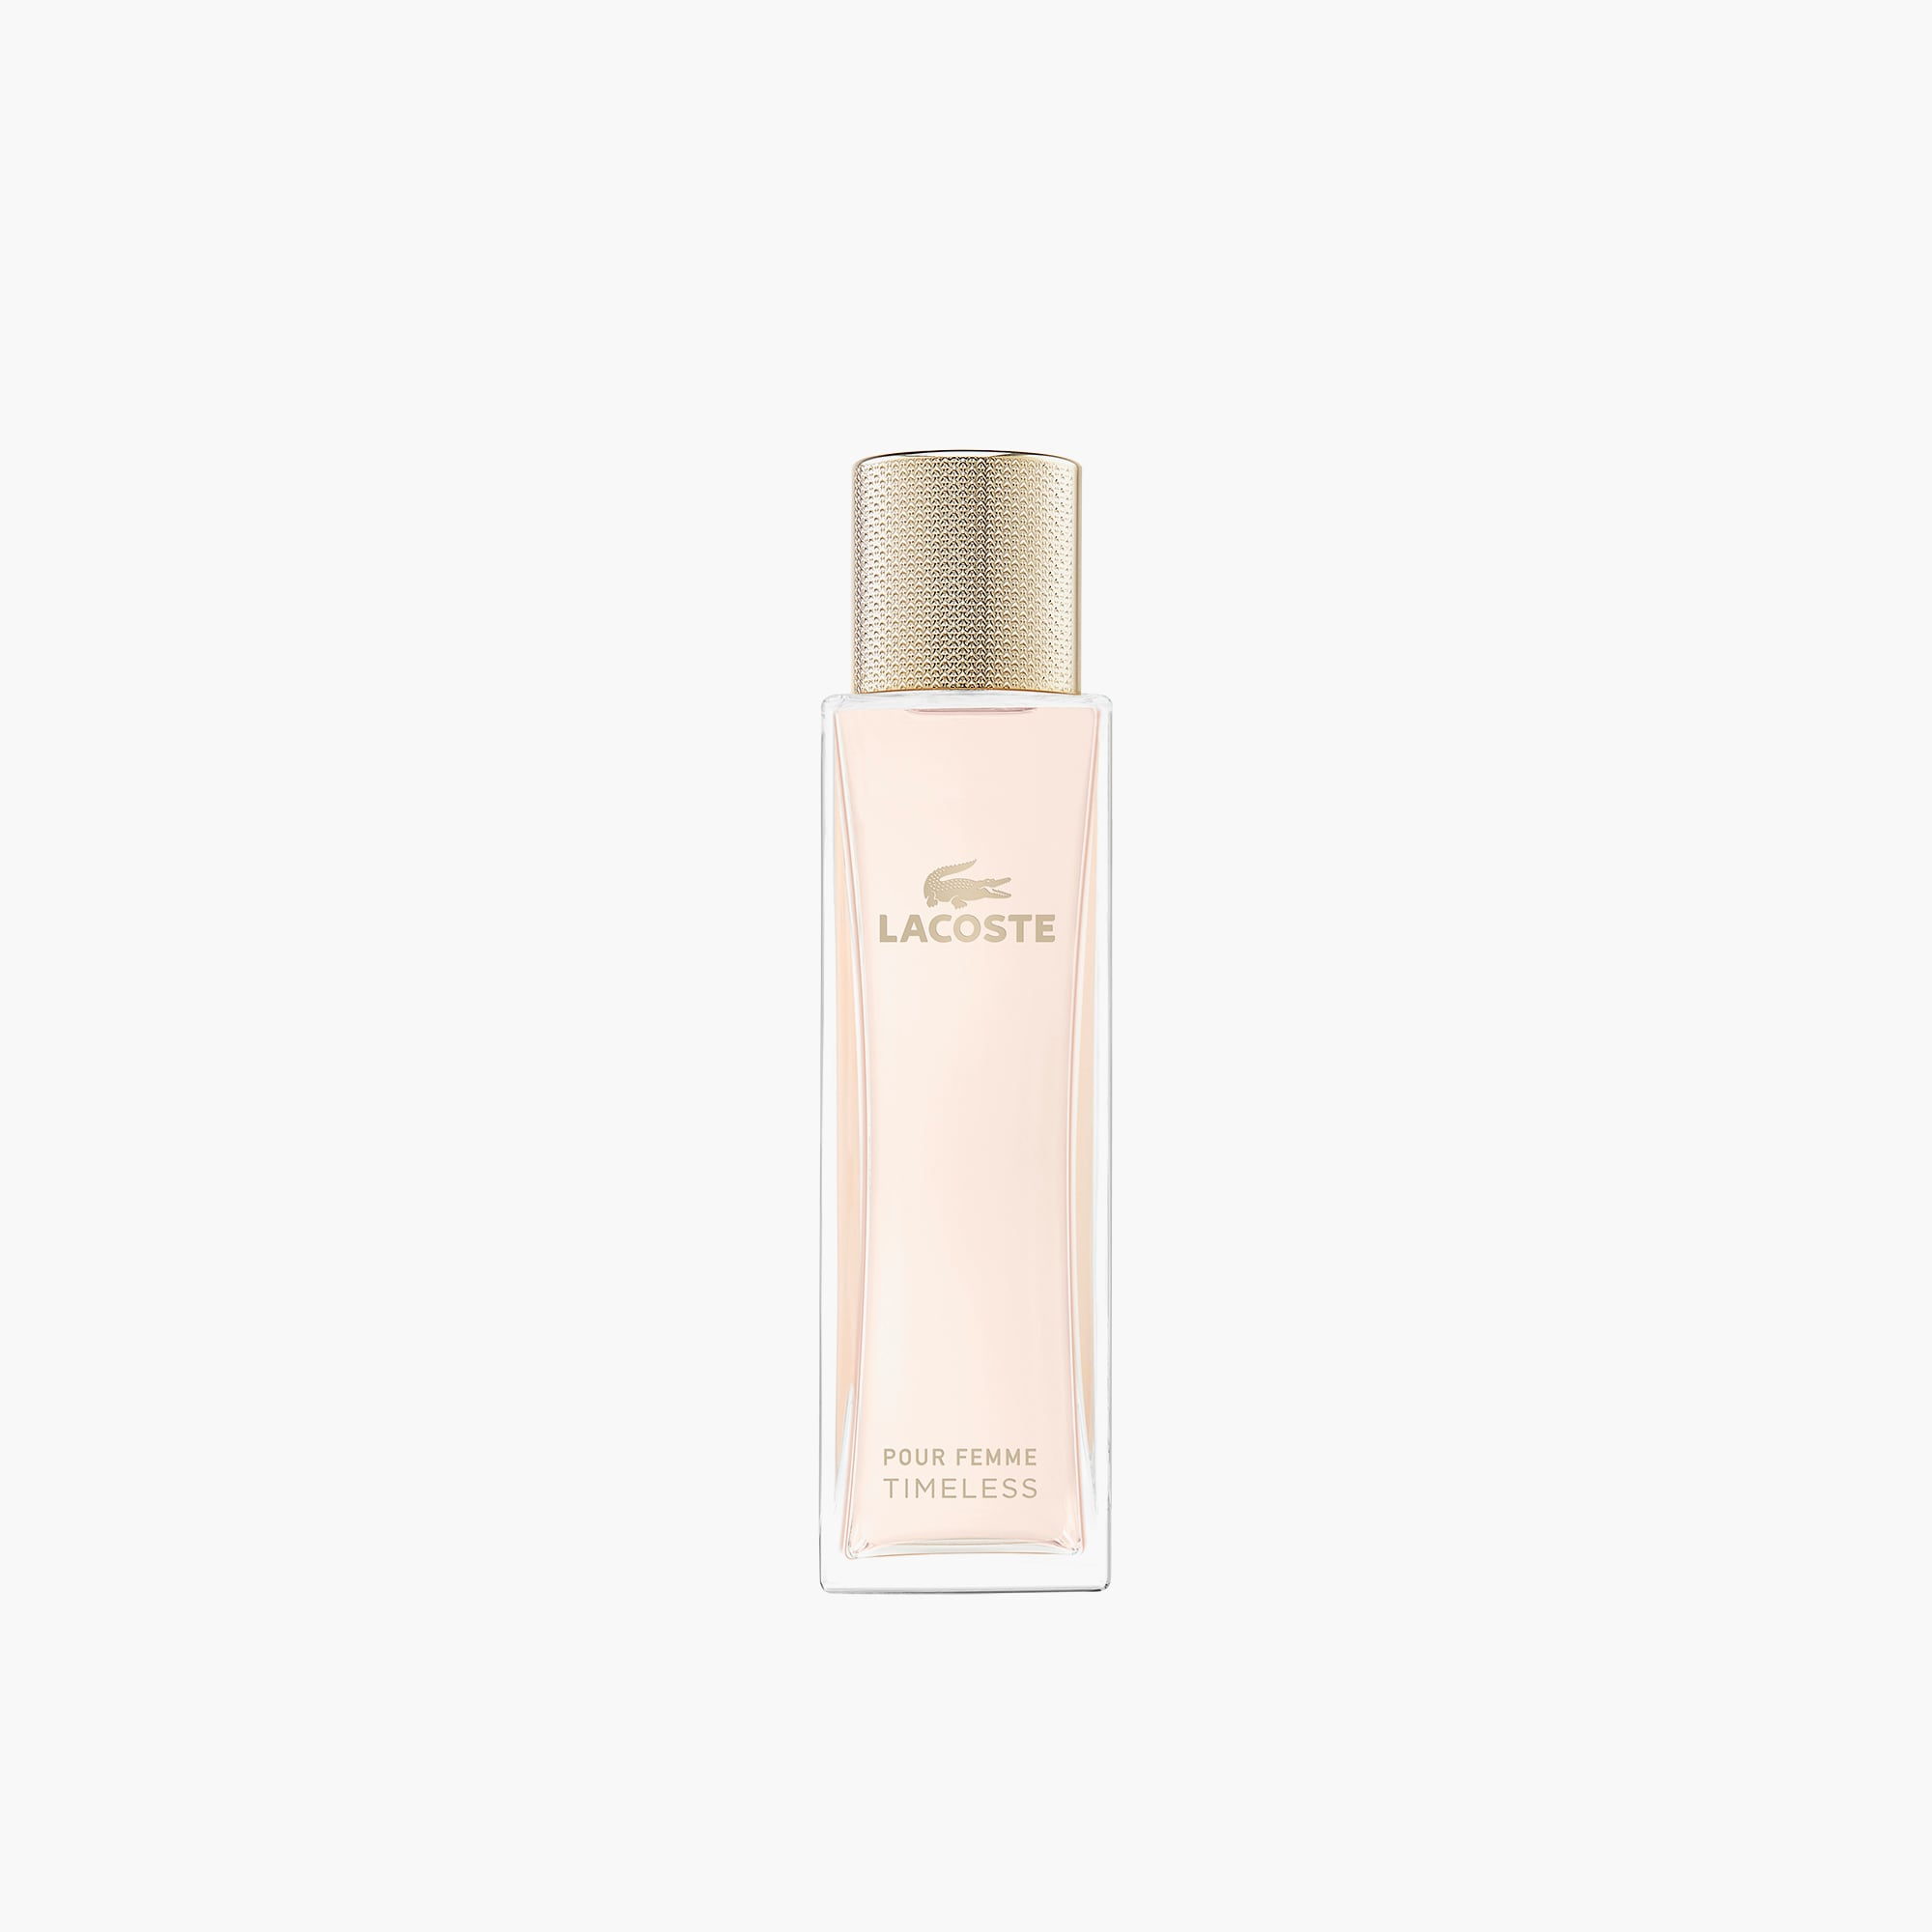 Parfum Lacoste Femme Eau 50ml De Pour Timeless R5q4Aj3L